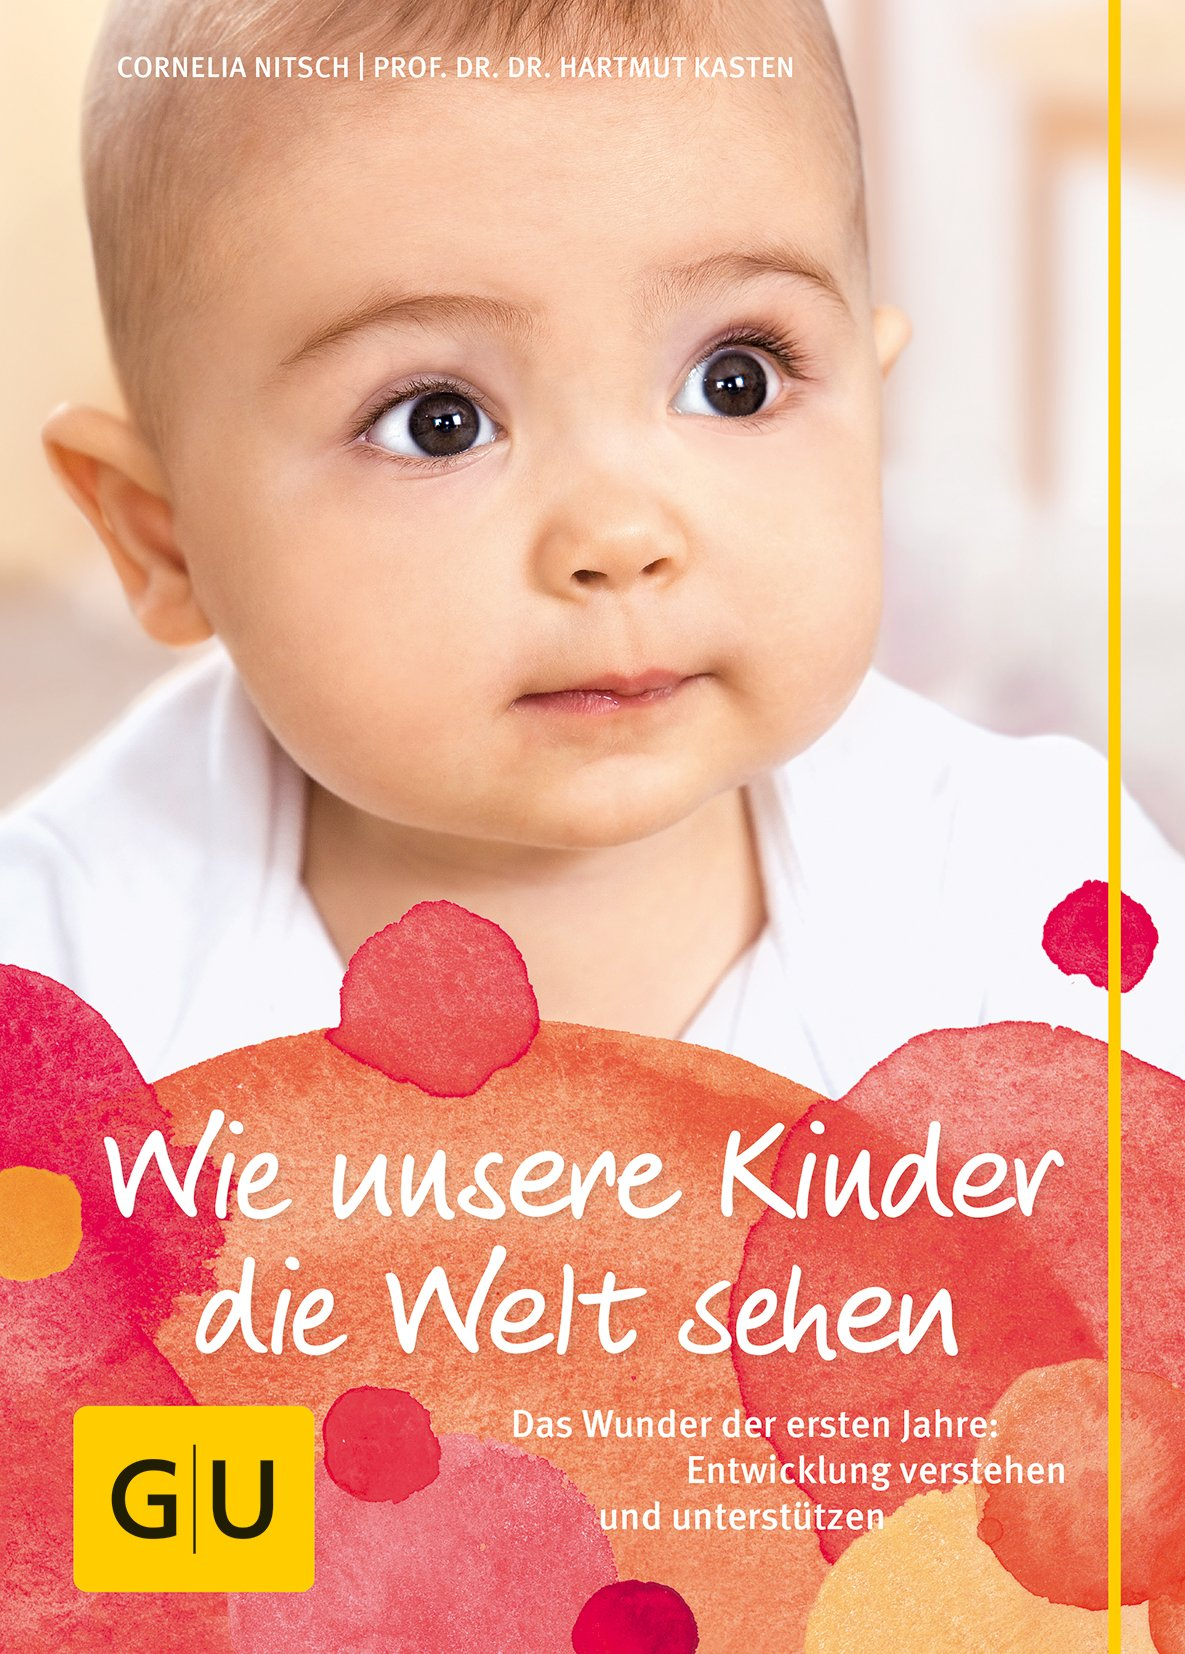 Wie unsere Kinder die Welt sehen: Das Wunder der ersten Jahre: Entwicklung verstehen und unterstützen